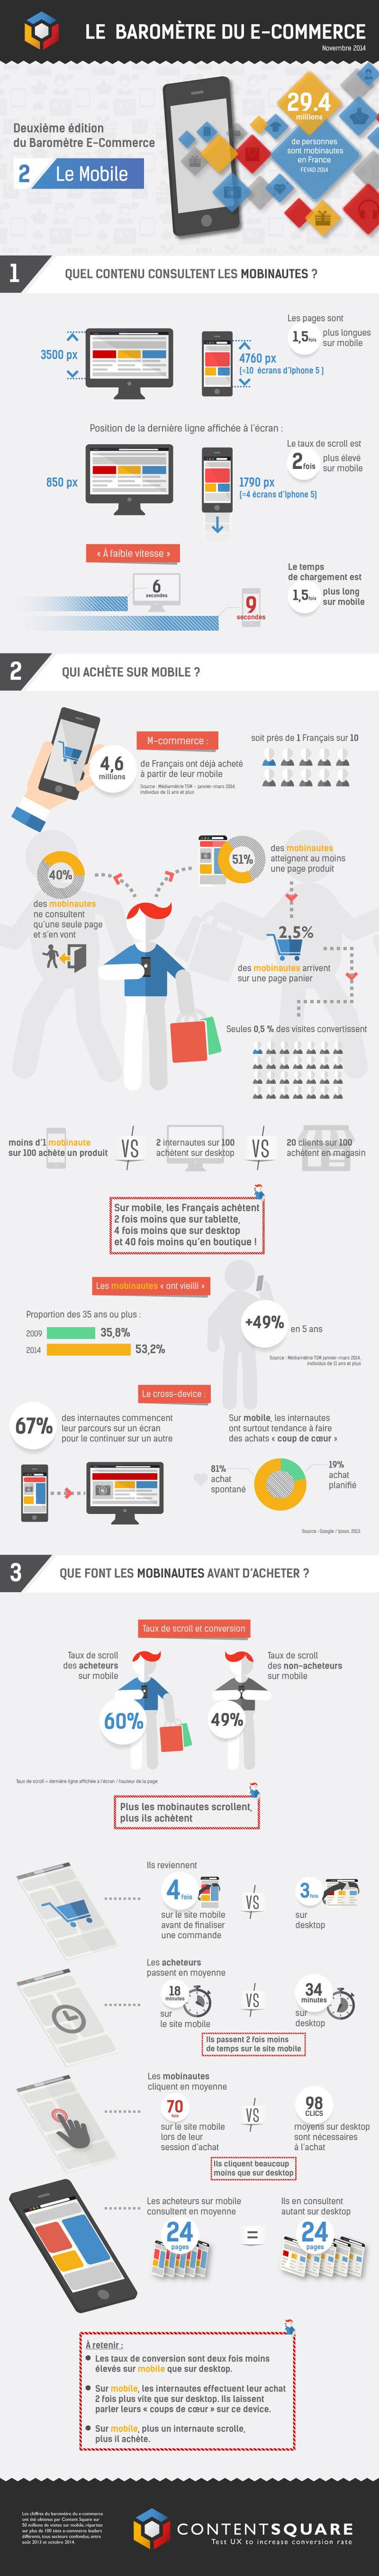 Les chiffres-clés du e-commerce via mobile   Comarketing-News f46d0073721b